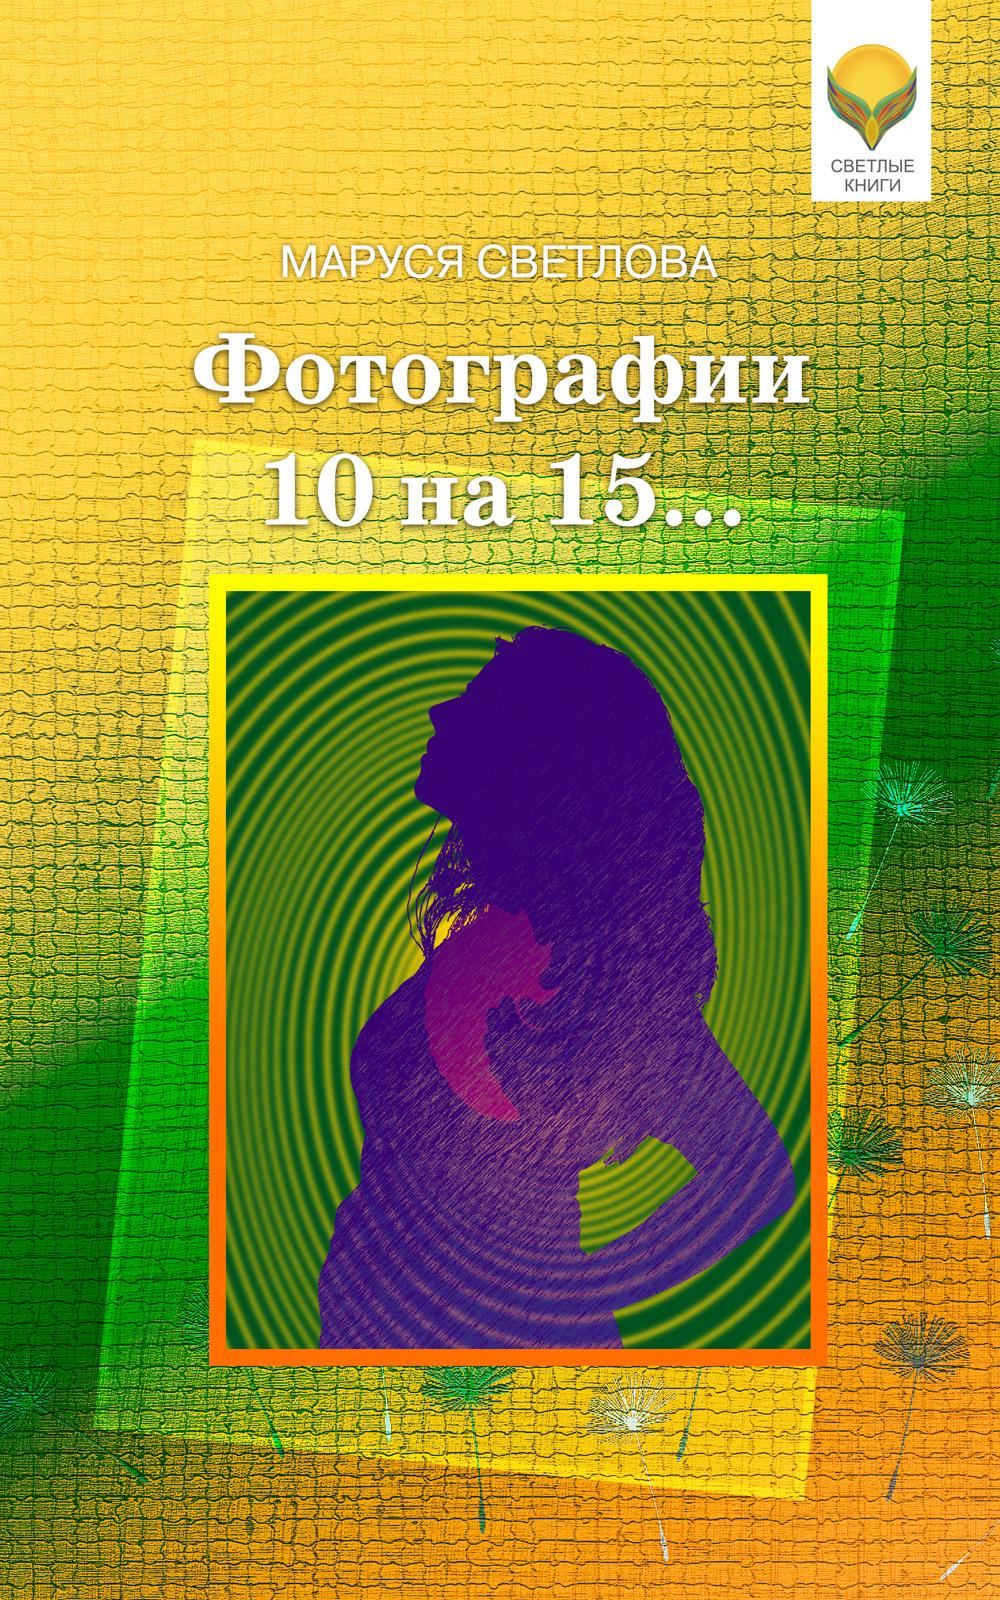 Маруся Светлова Фотографии 10 на 15… (сборник) маруся светлова капля бога сборник